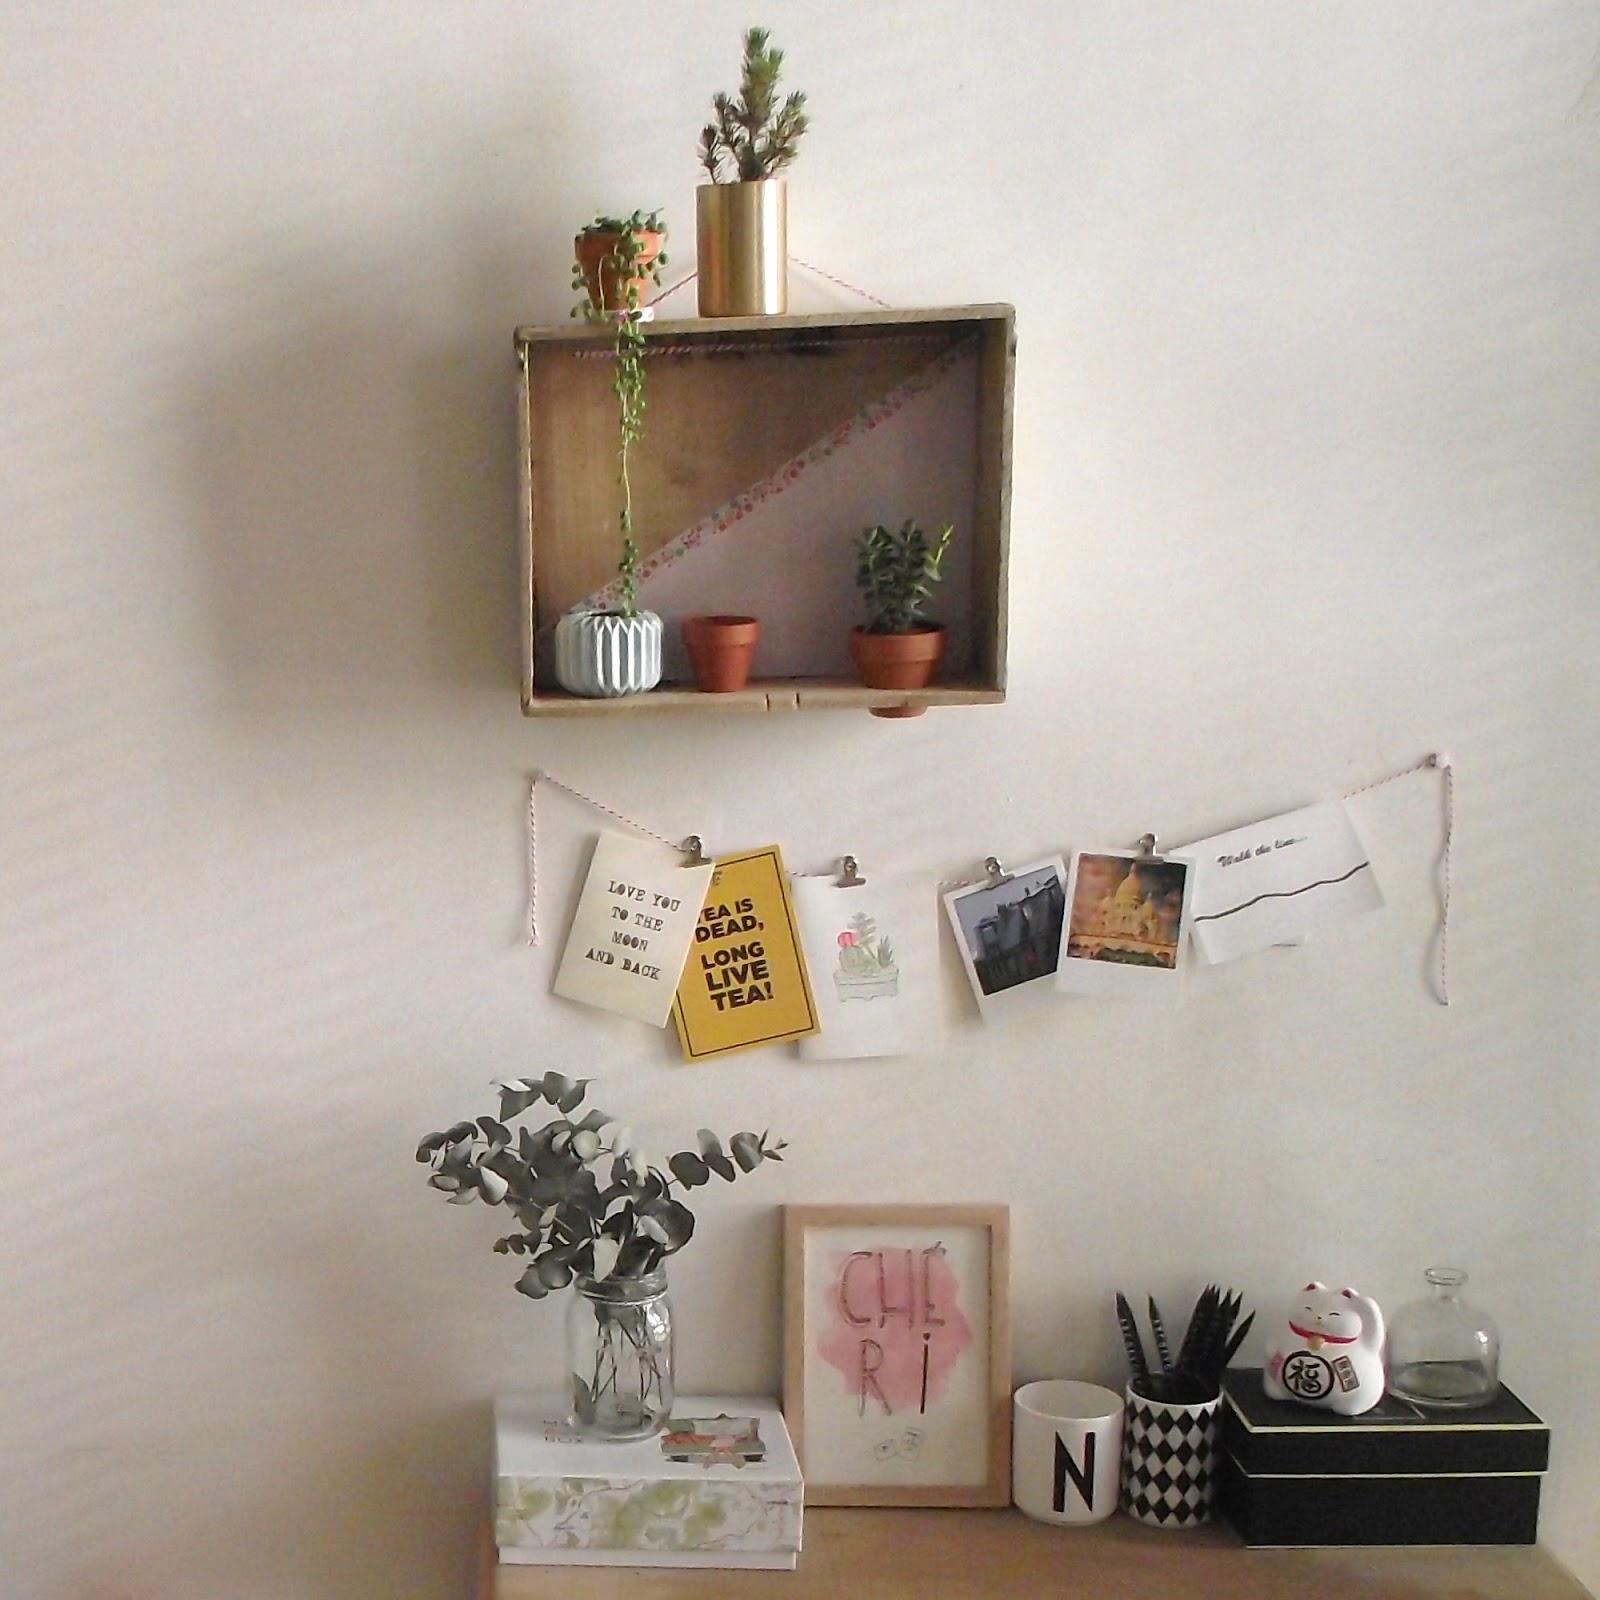 Des petits meubles et deux marie nalou 39 s in the air - Les petits meubles de marie ...